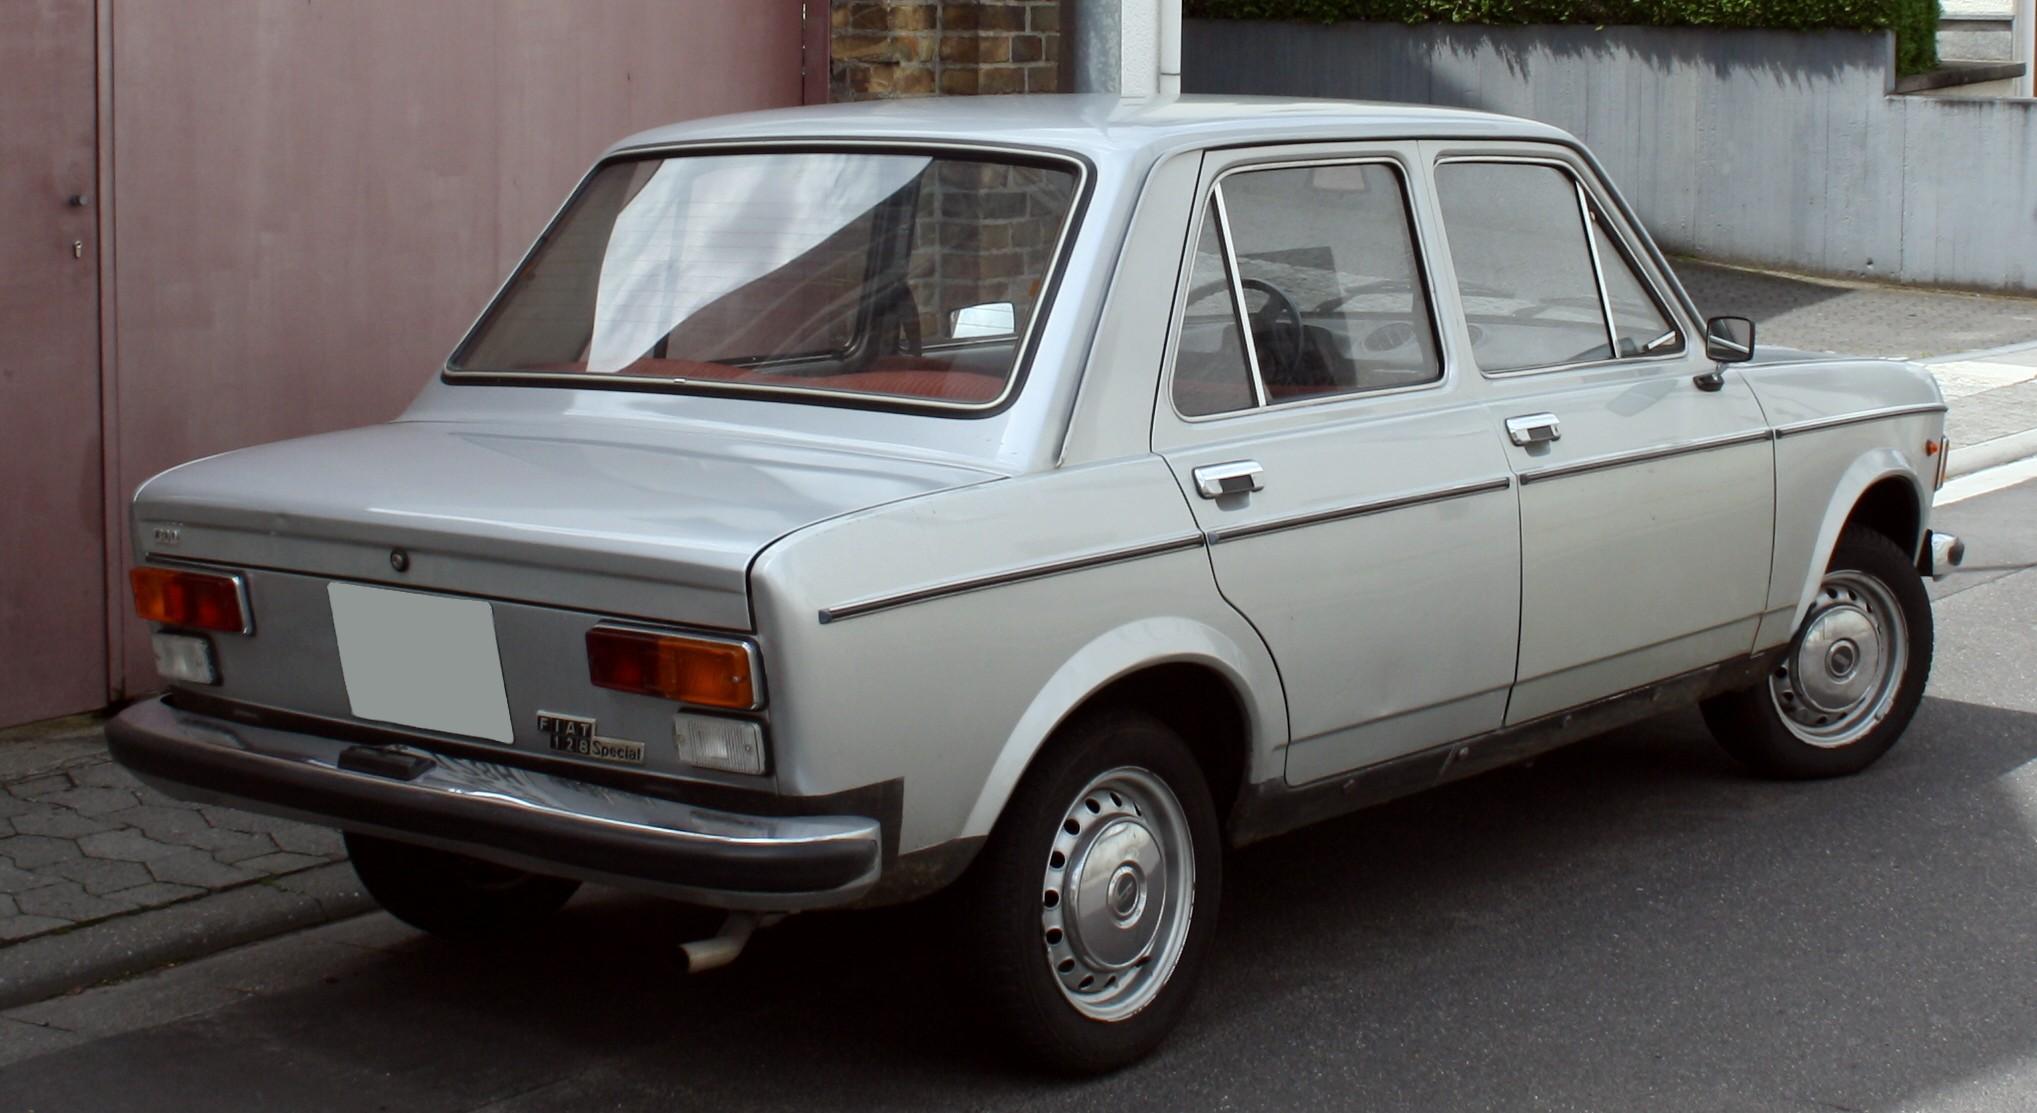 Fiat 128 - Wikipedia